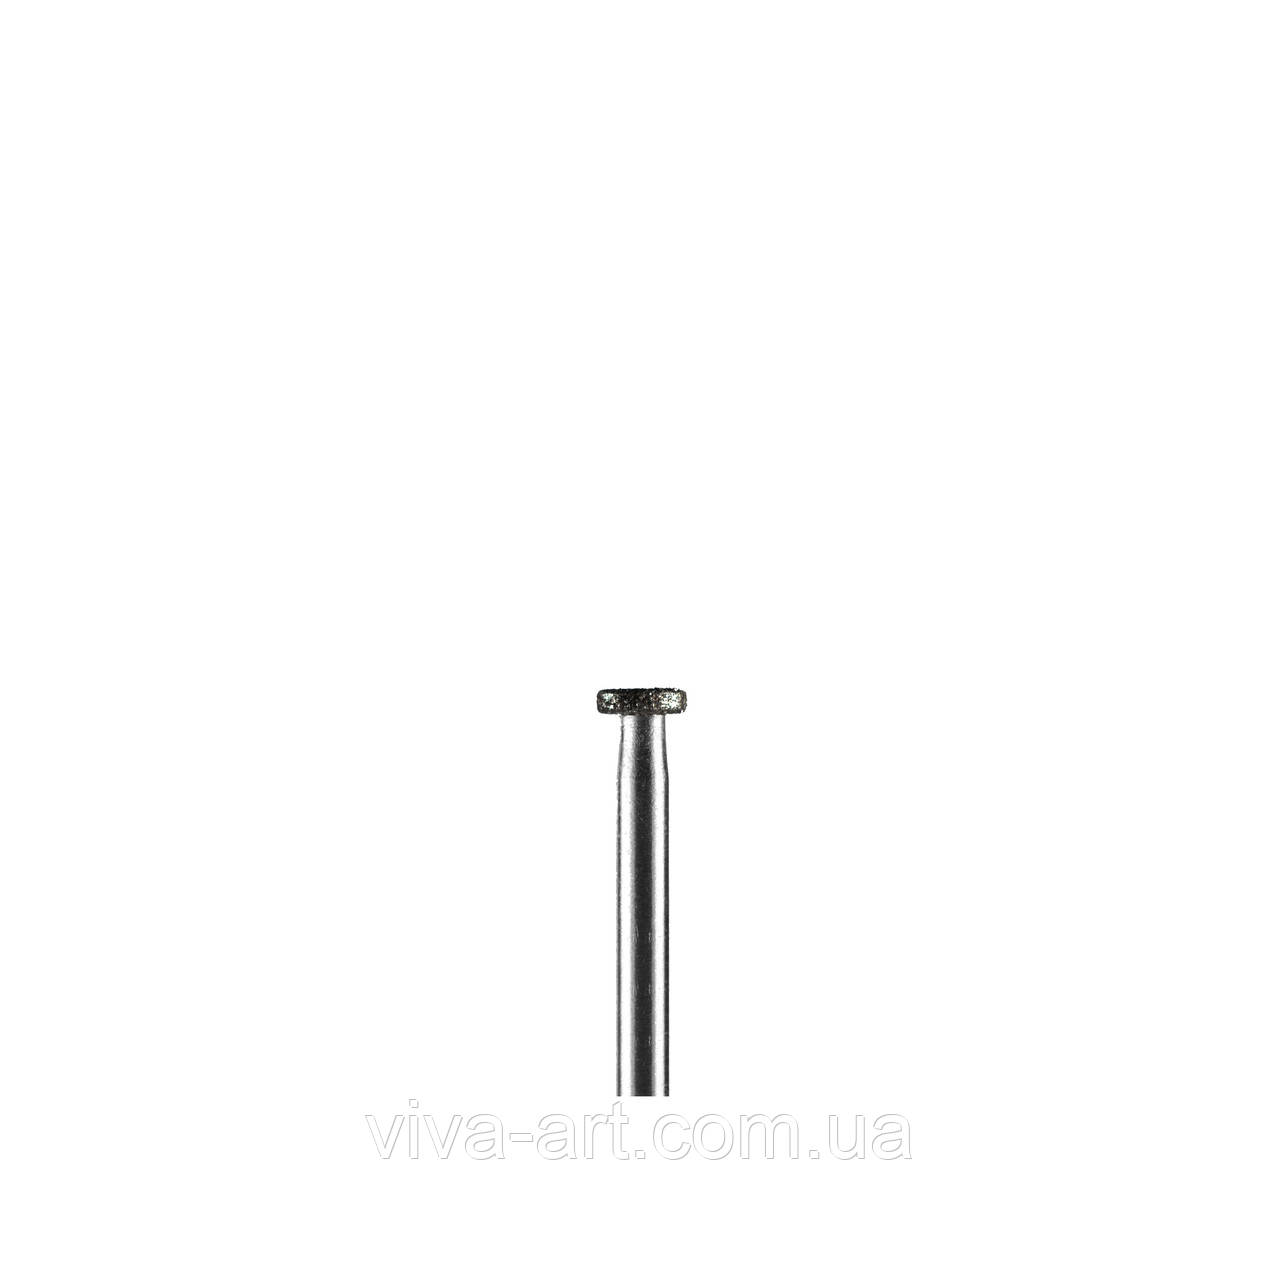 Алмазна насадка у формі диска, 4 мм, середній абразив, Diaswiss (Швейцарія)